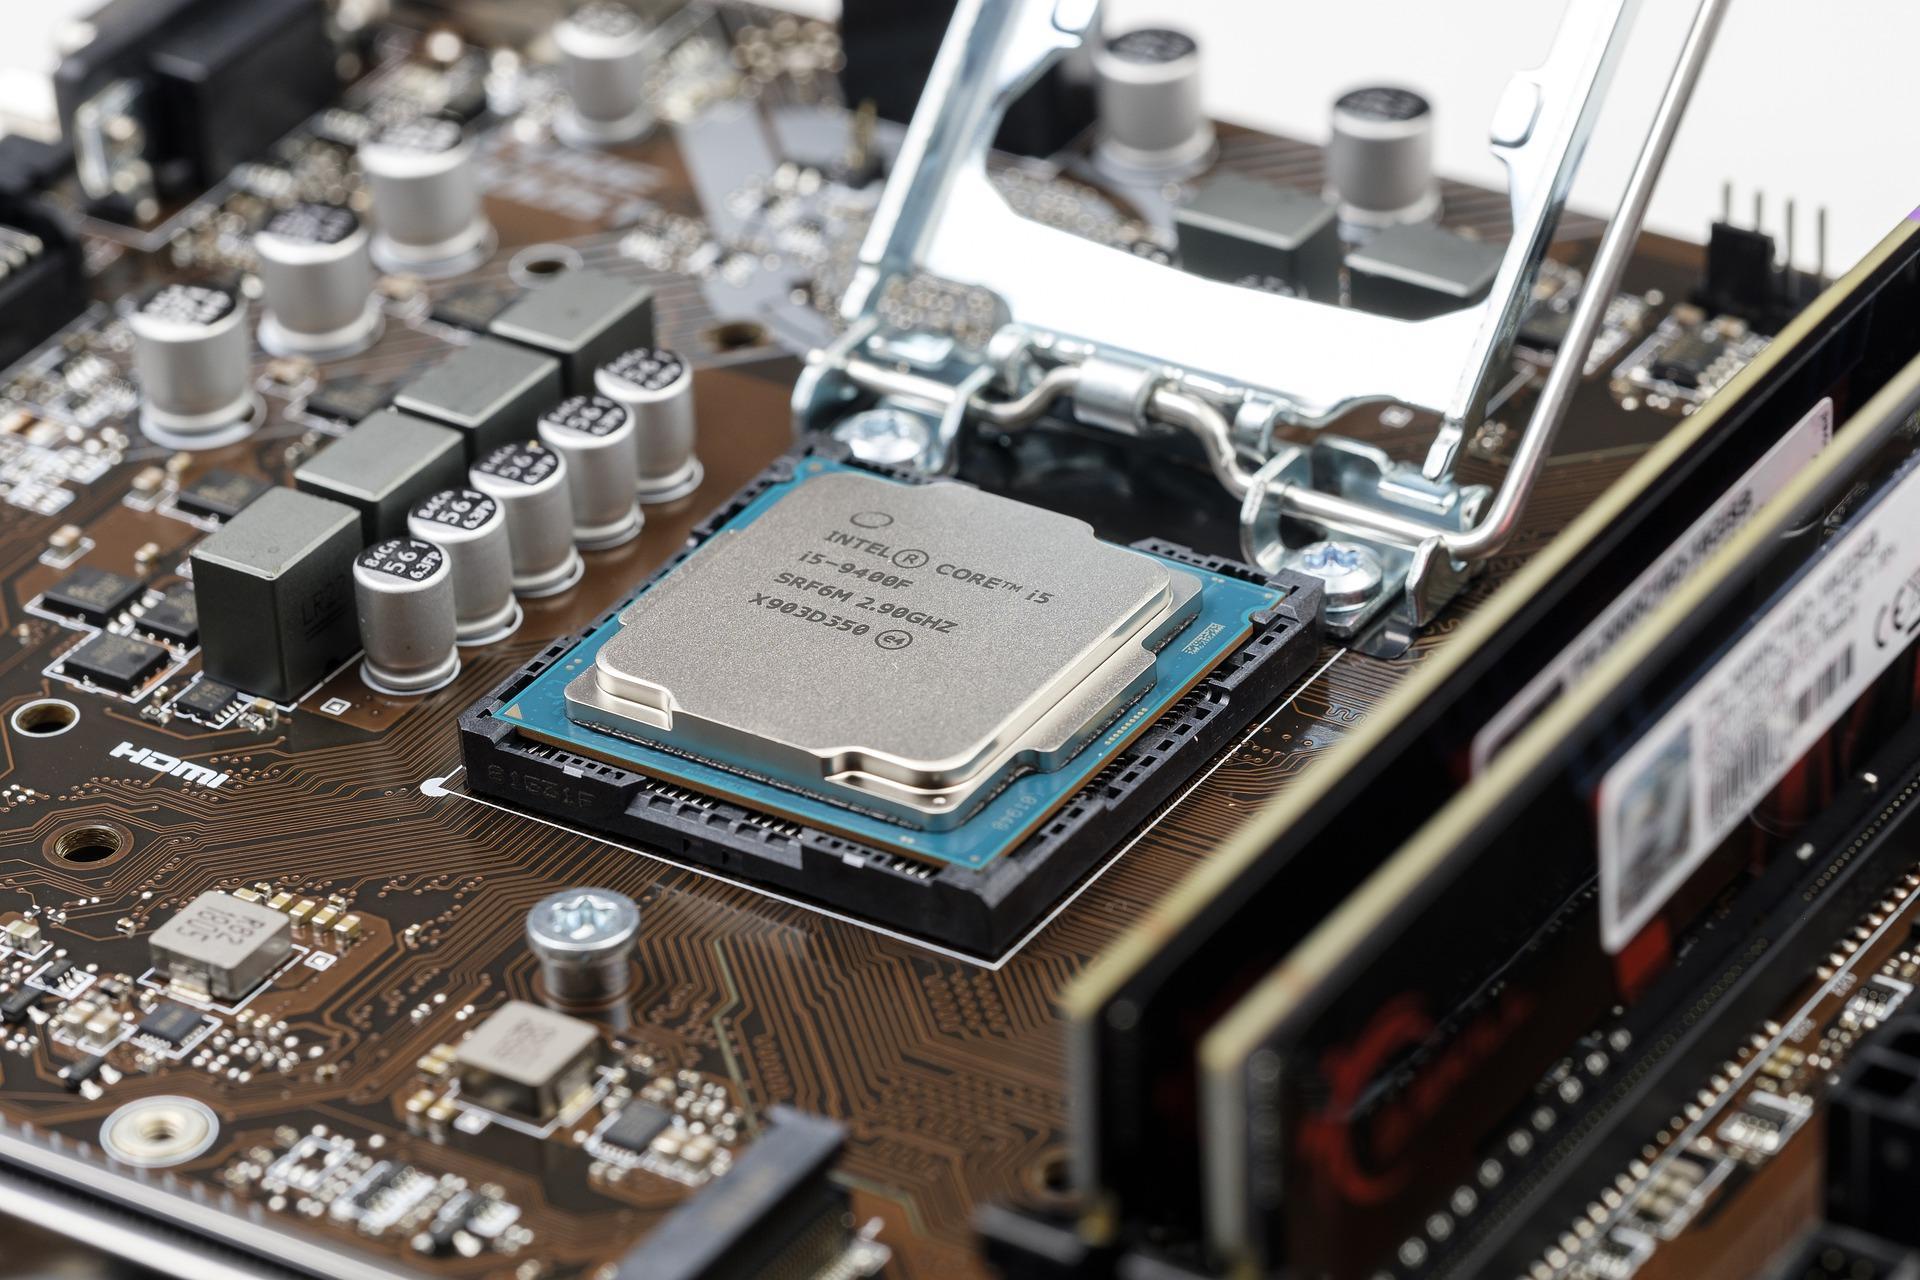 Лучшие процессоры для игровых компьютеров на2020 год